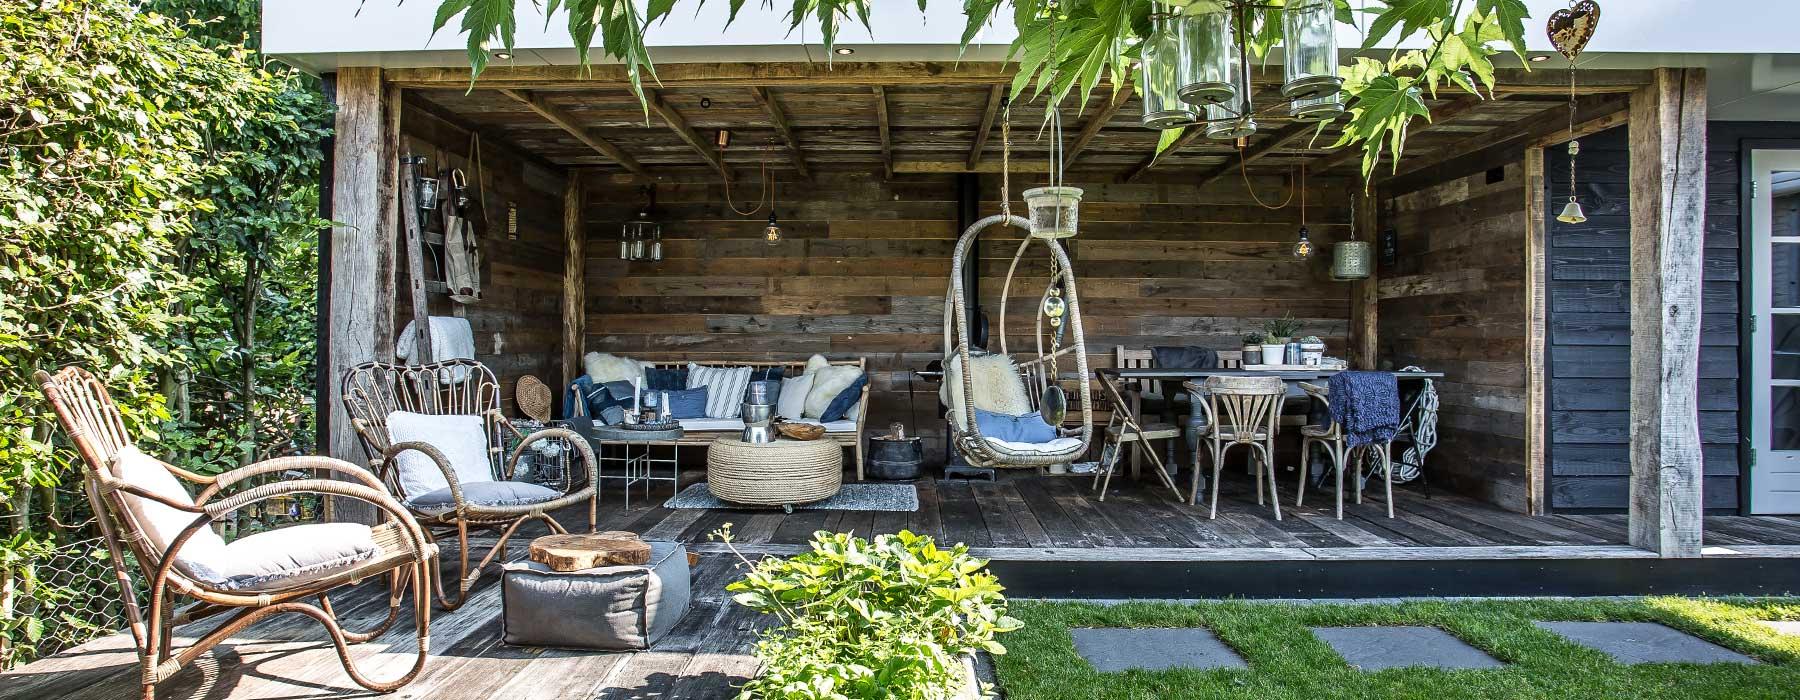 Luxe veranda, landelijke sfeer. Afmeting totaal 10*3.5m, volledig afgewerkt geplaatst!